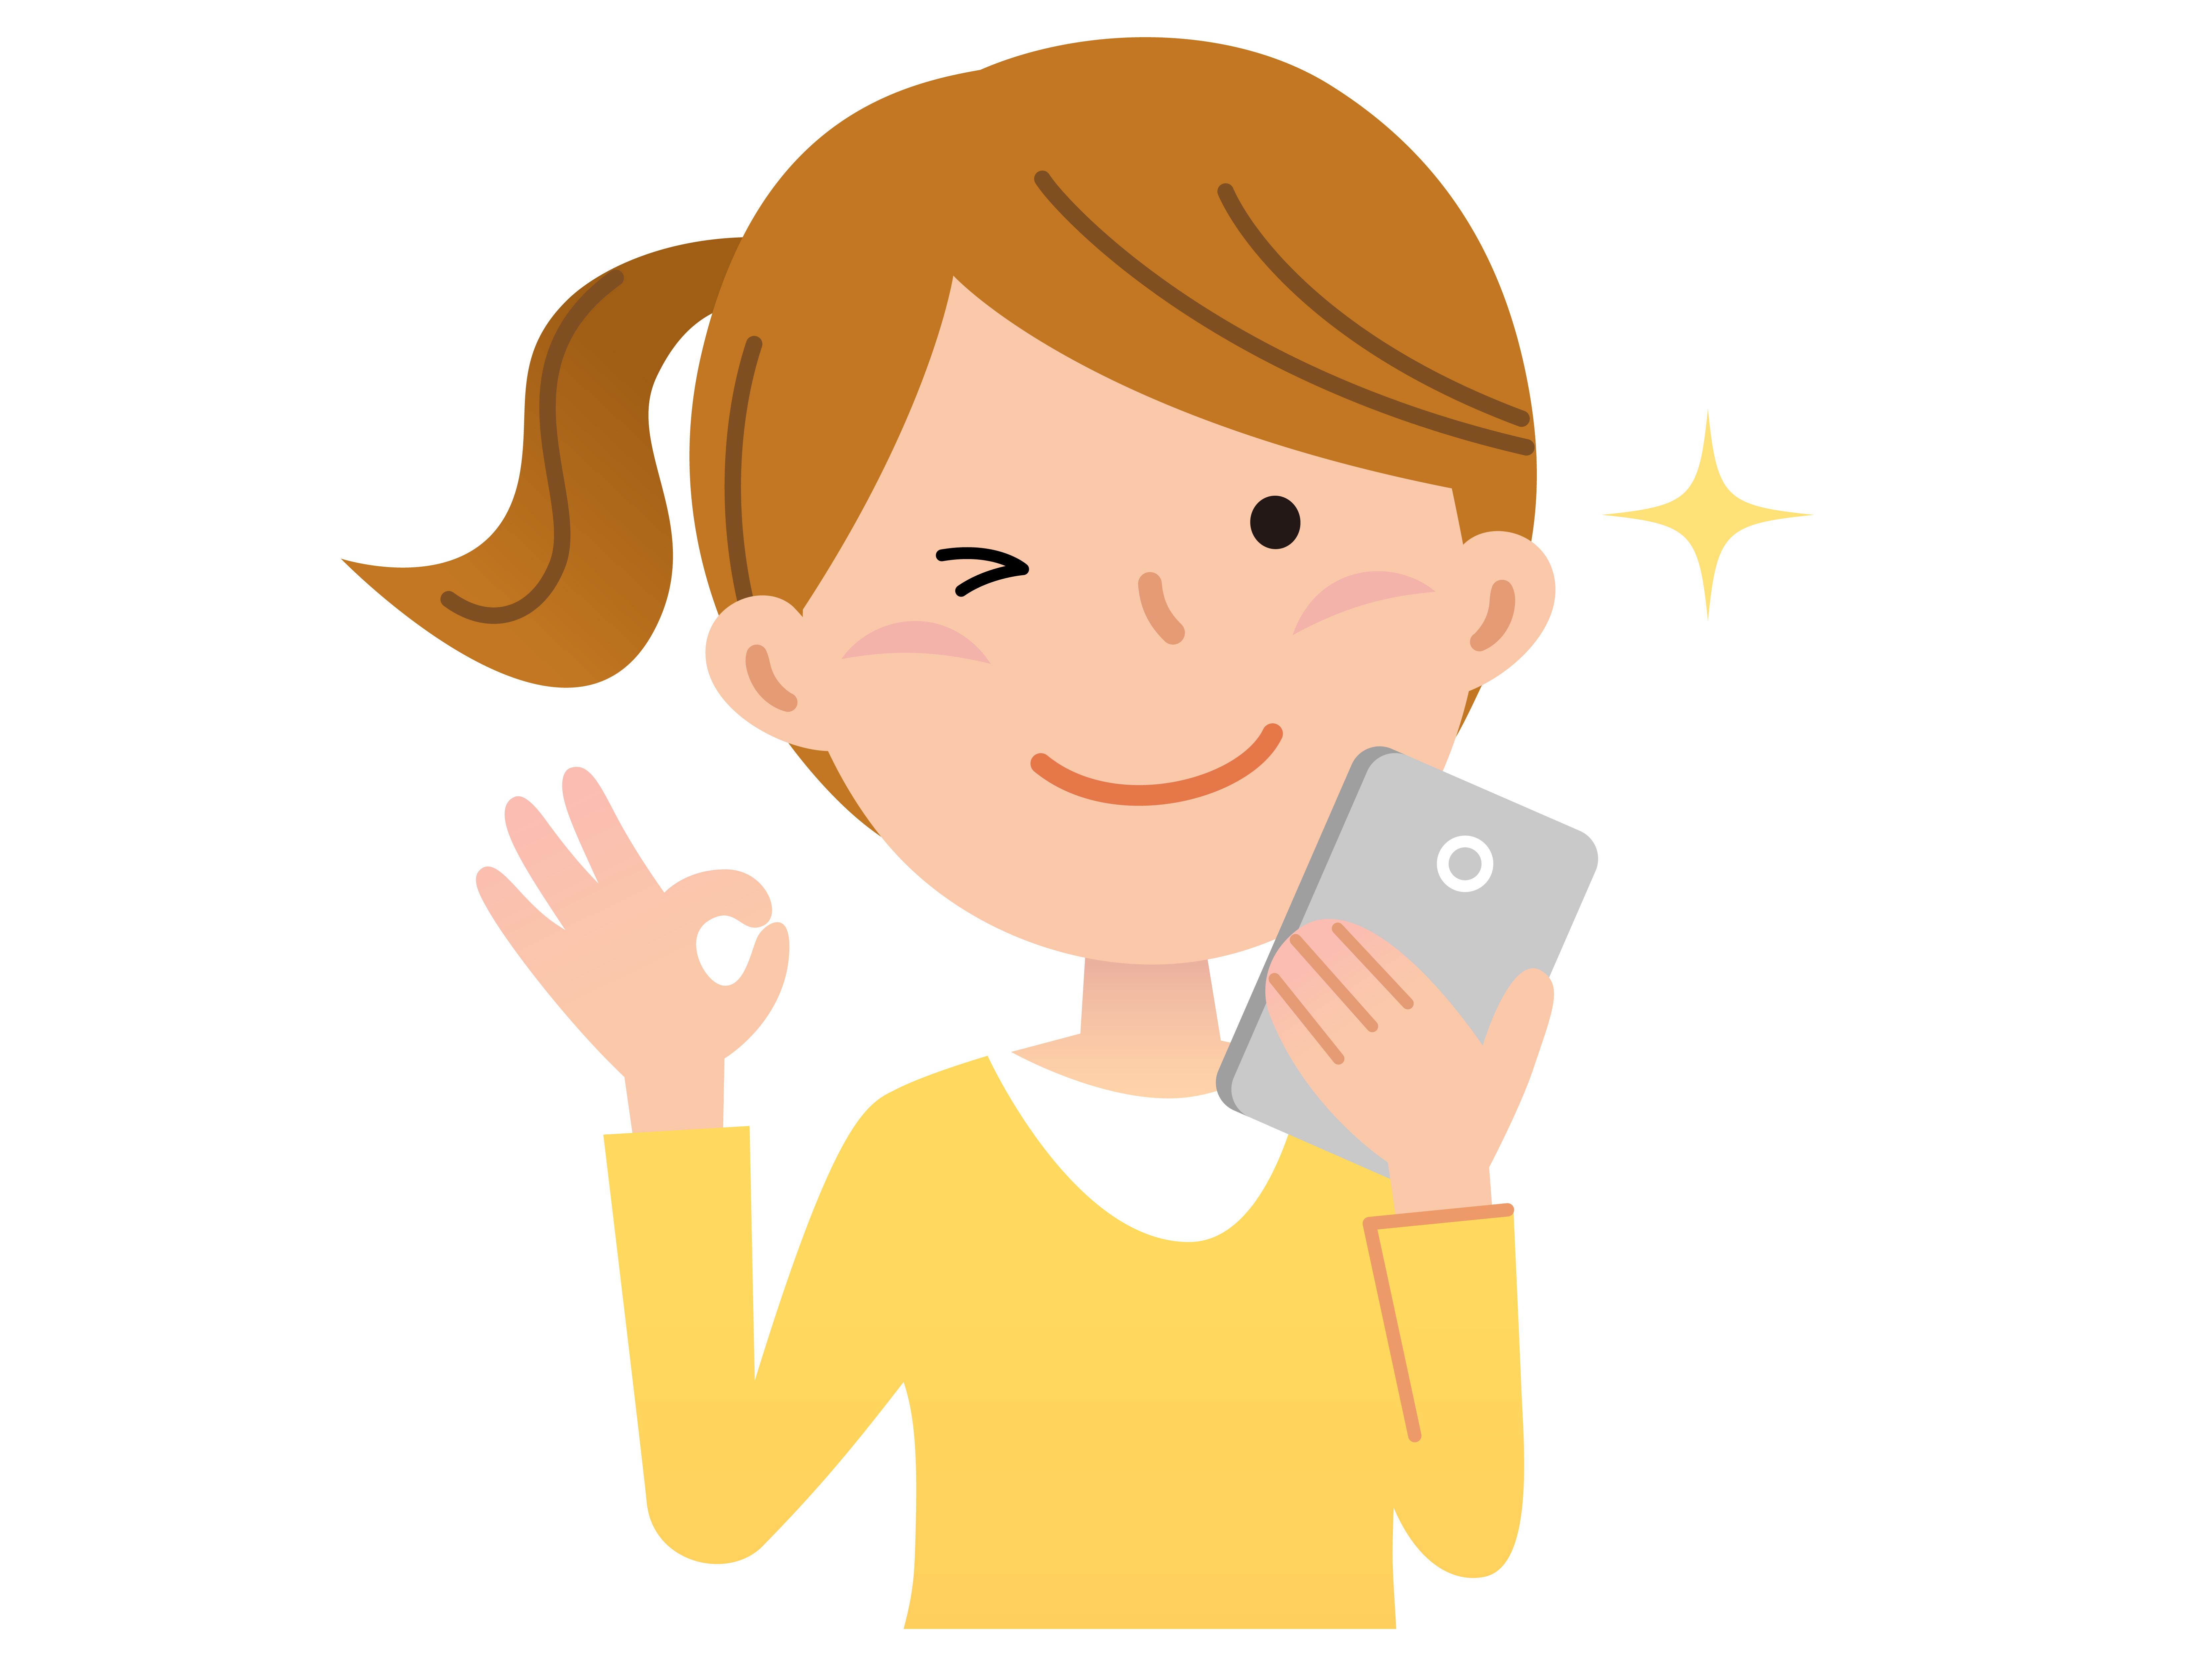 看護師転職サイトに登録すると電話がかかってきて怖い?うっとおしい?